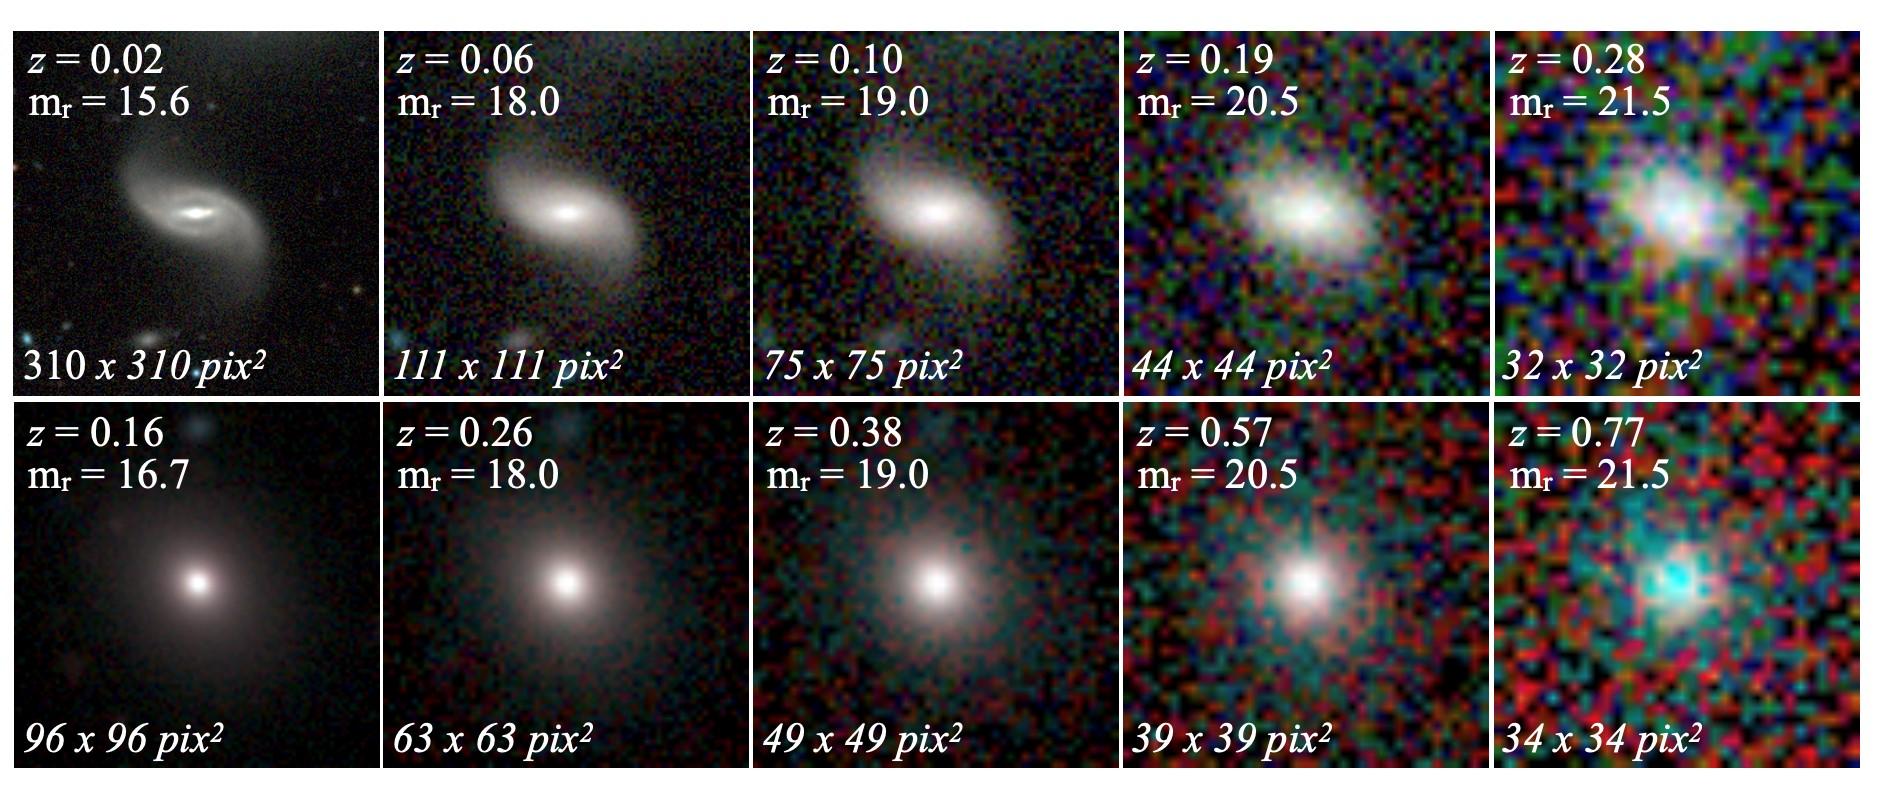 imagen de Imágenes originales (paneles a la izquierda) de una galaxia espiral (arriba) y una galaxia elíptica (abajo) y sus versiones degradadas, utilizadas para entrenar la red neuronal. / J. Vega-Ferrero et al.